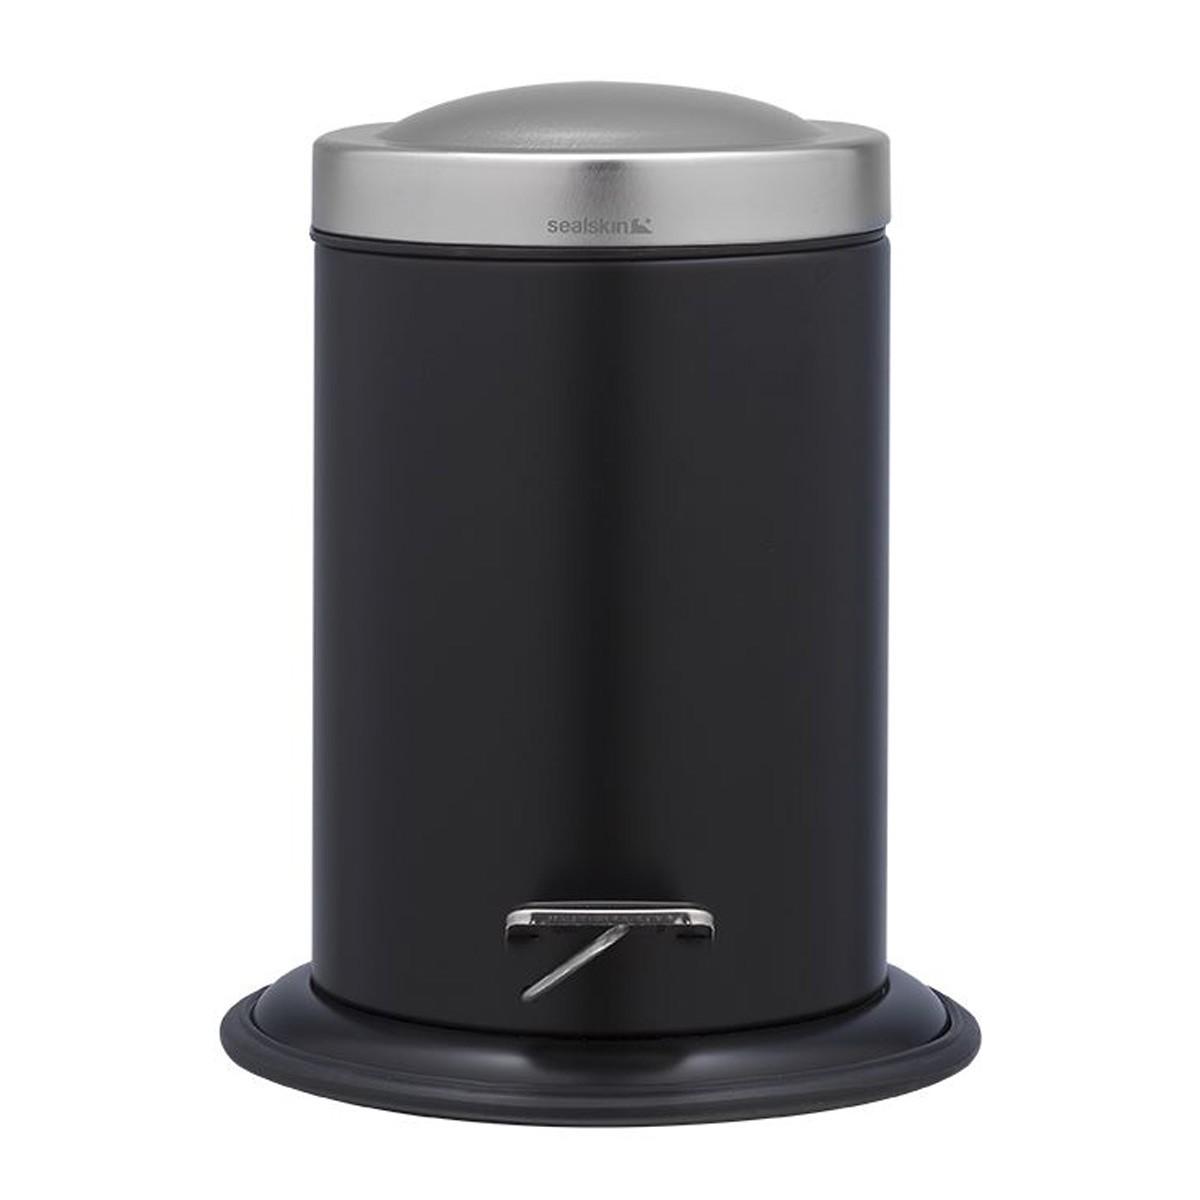 Κάδος Απορριμάτων SealSkin 3Lit Acero Black home   μπάνιο   κάδοι απορριμμάτων